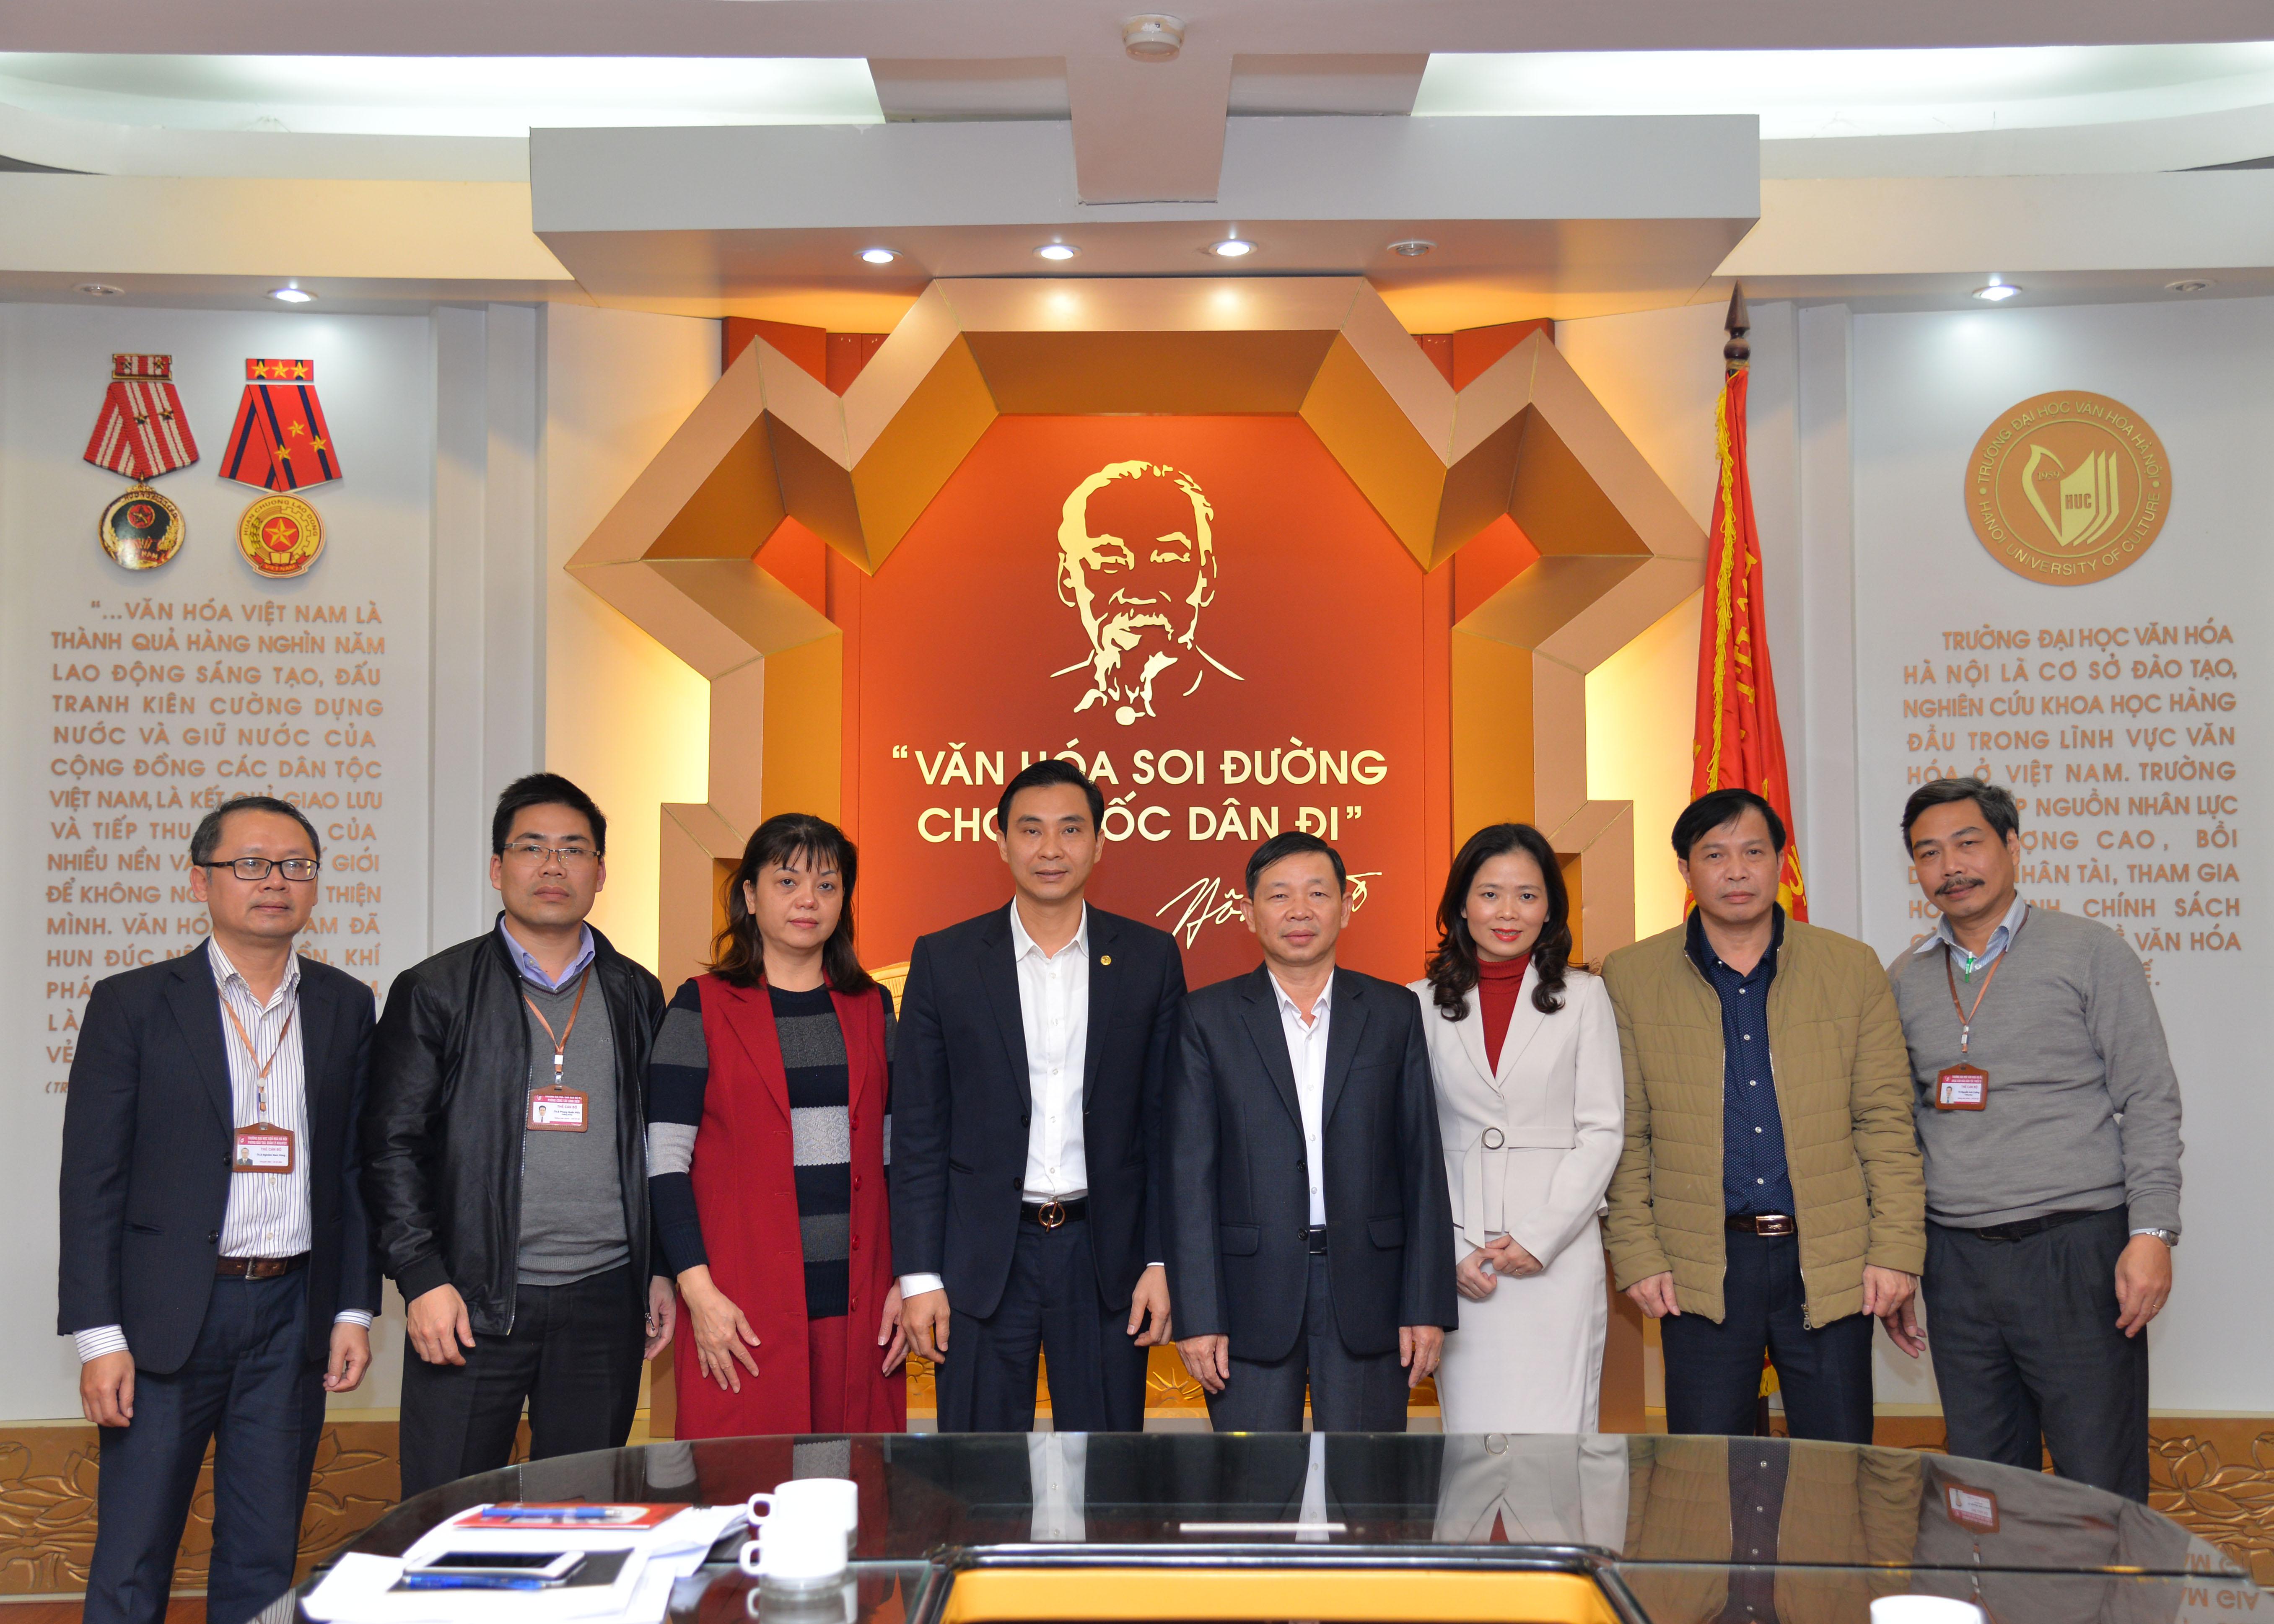 Tiếp và làm việc với Ban Tổ chức - Nội vụ tỉnh Hà Giang về sinh viên cử tuyển